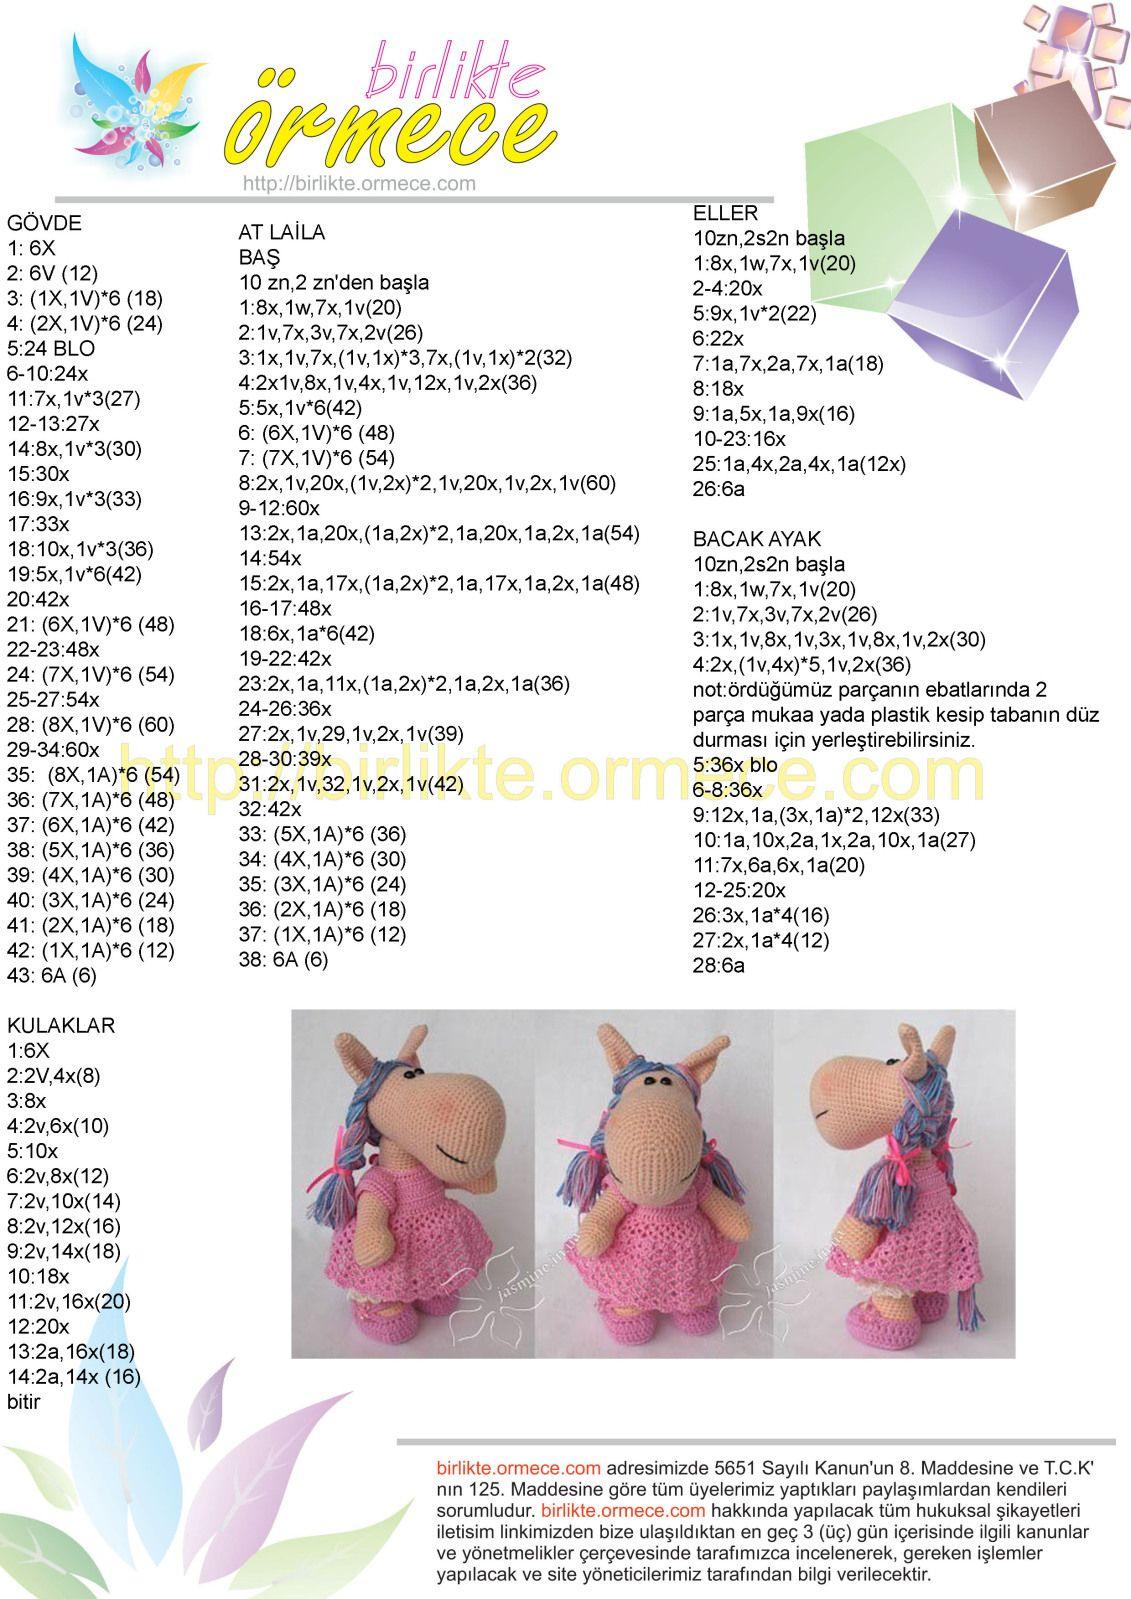 Amigurumi Parmak Kuklası Kalpli Tavşan Yapımı - Örgü Modelleri | 1599x1131